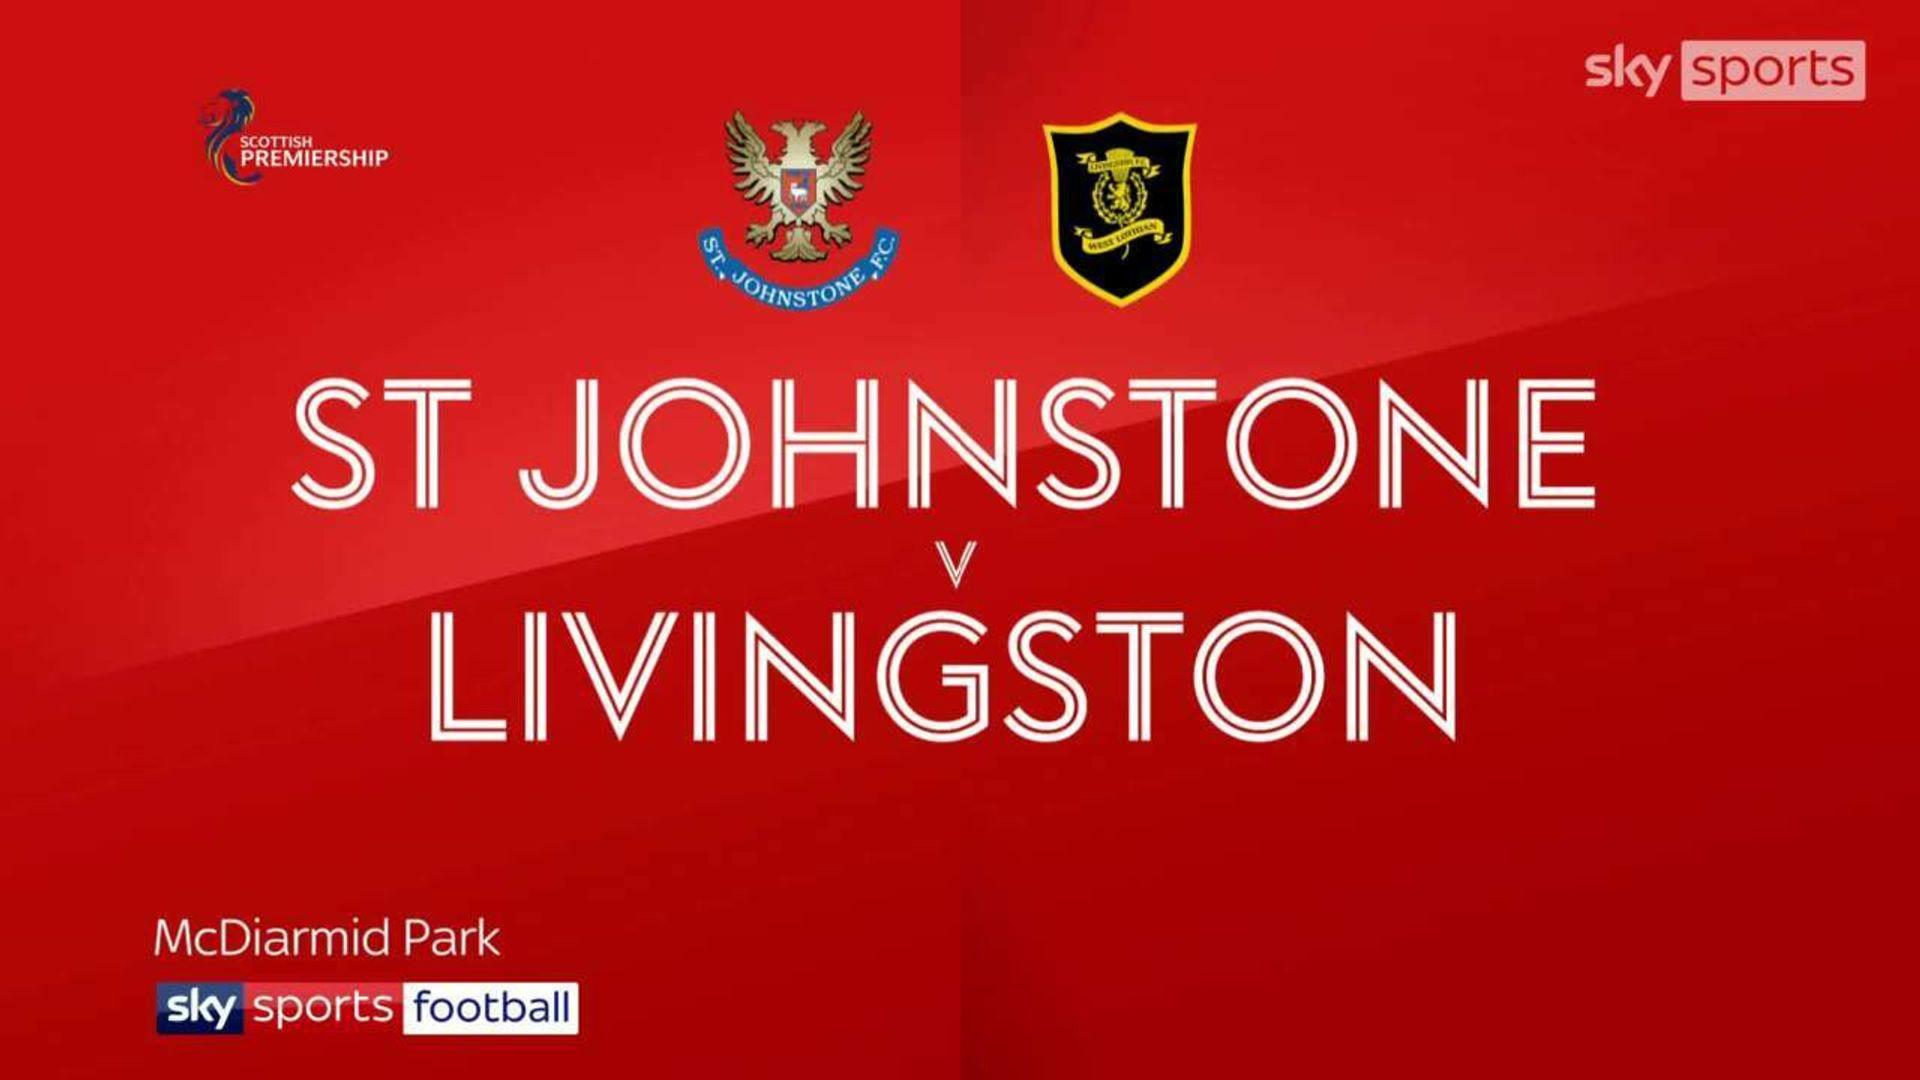 St. Johnstone 0-3 Livingston